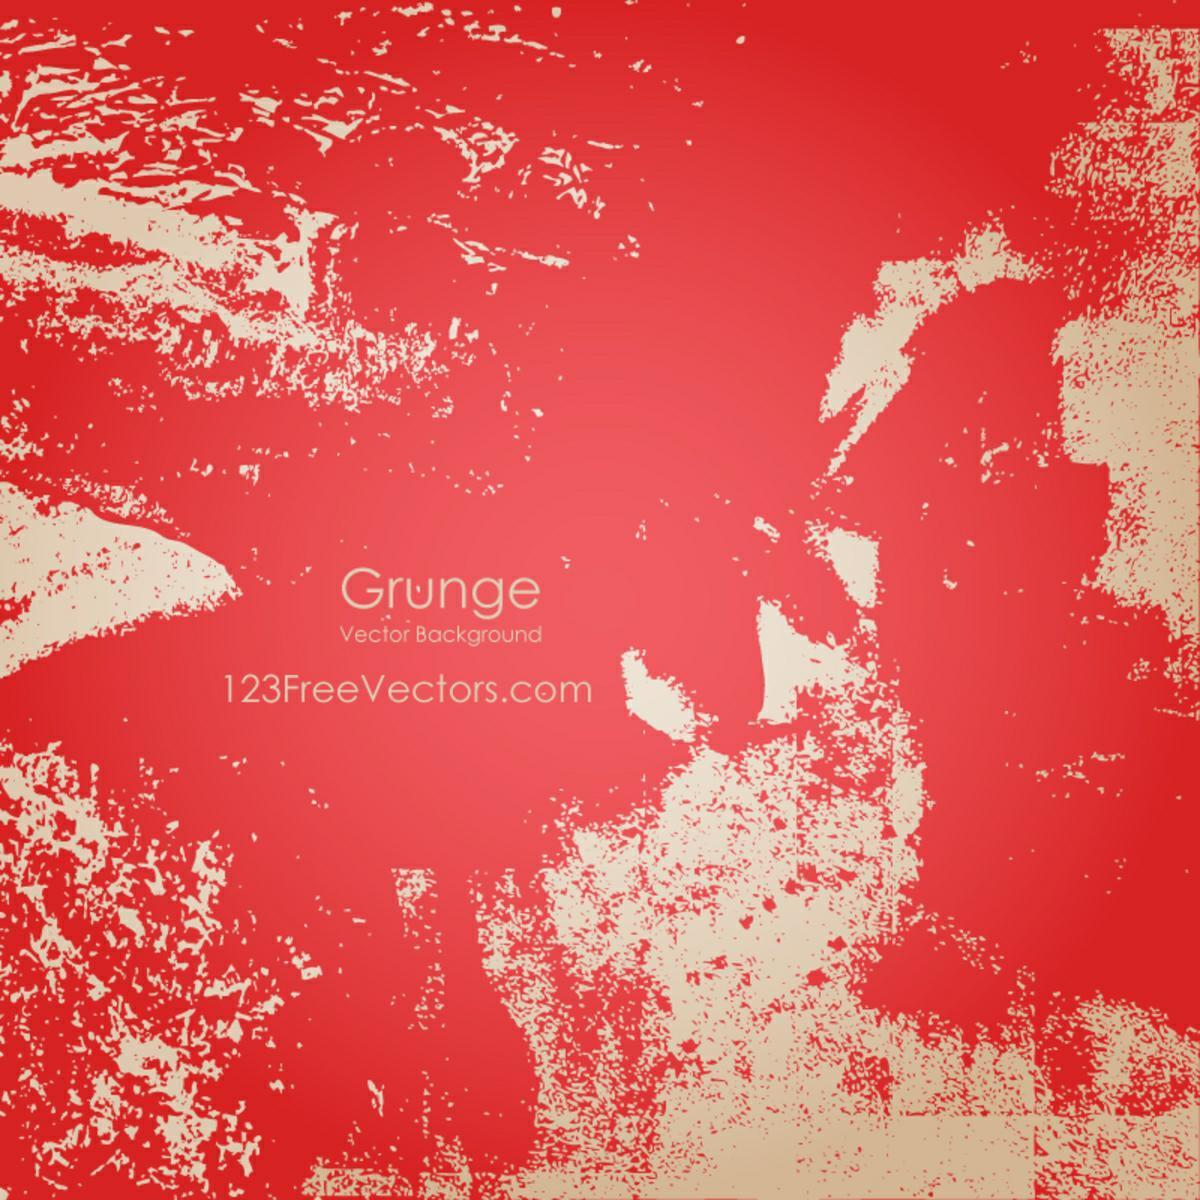 0007_纹理_AI复古破旧痕迹纹理背景矢量设计素材大图02辑-Grunge-Background-006_xPX_AI_DPI_1.3_0